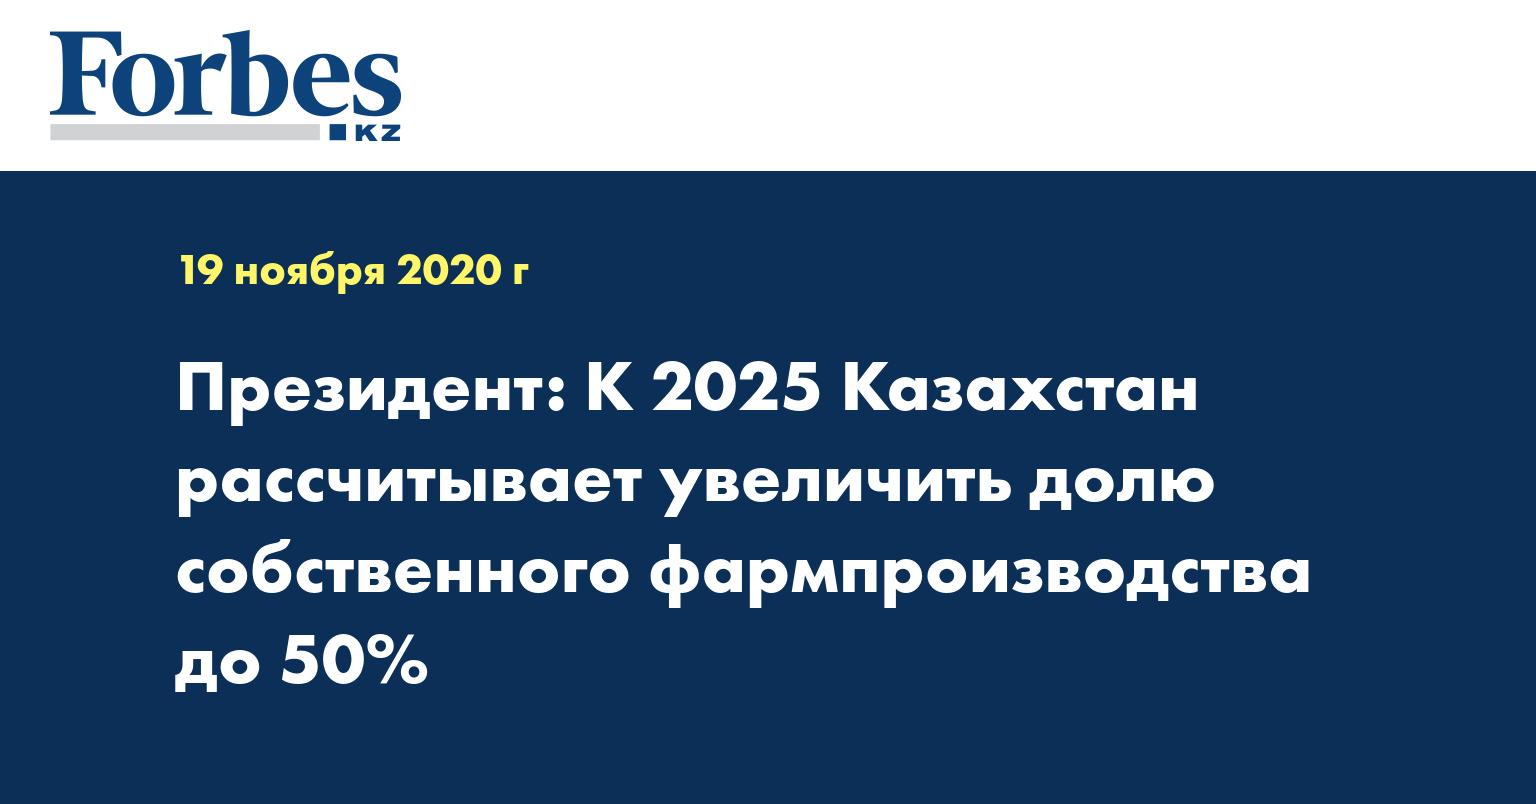 Президент: К 2025 Казахстан рассчитывает увеличить долю собственного фармпроизводства до 50%